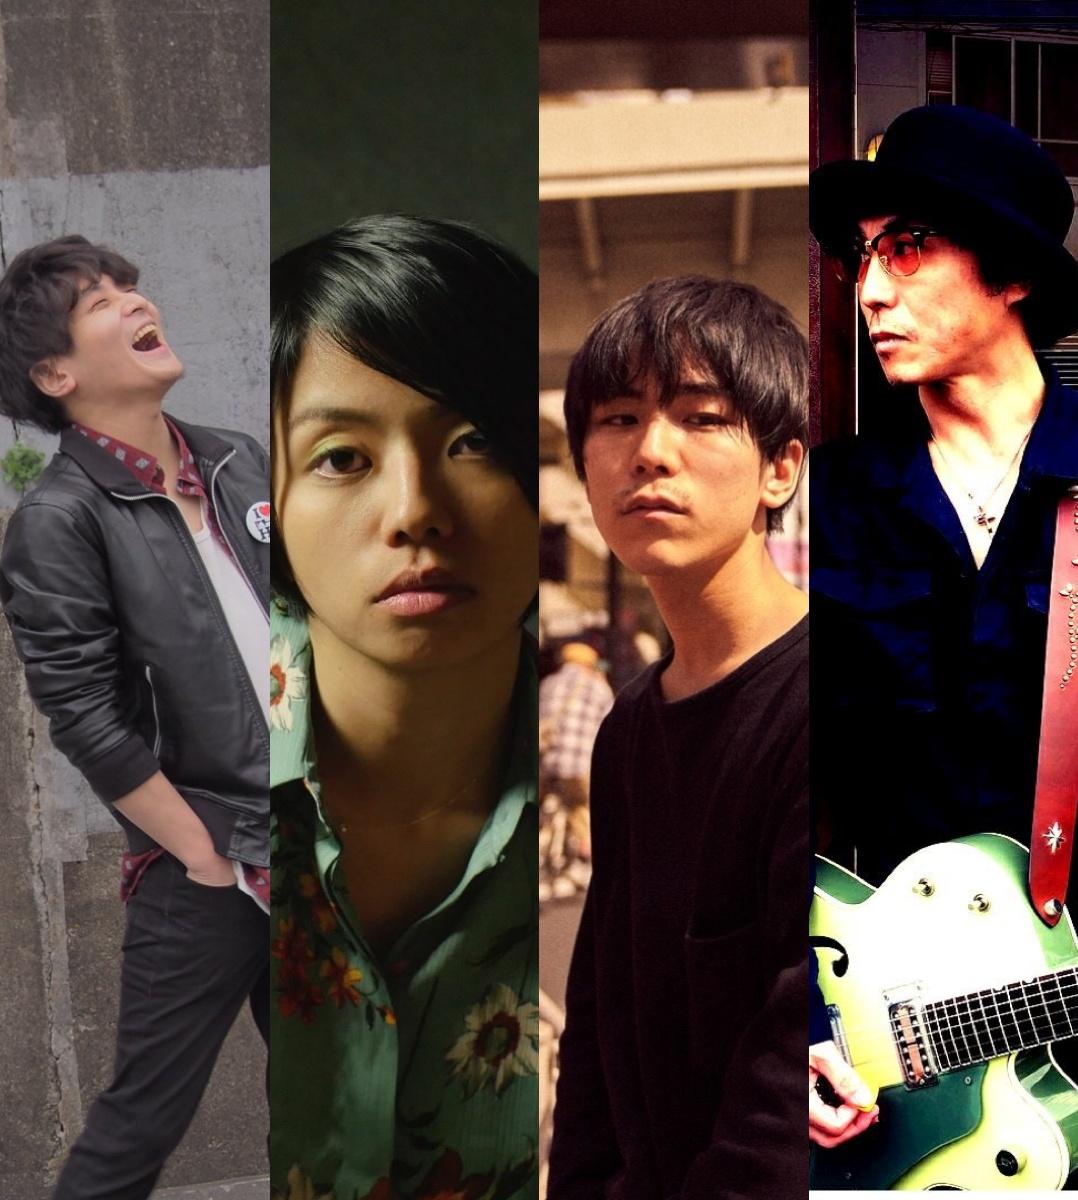 『a Song 〜この花は散らない〜』出演:荒木林太郎 / ベラ氏とヤムヒ / 安部カズキ / 岩田亮